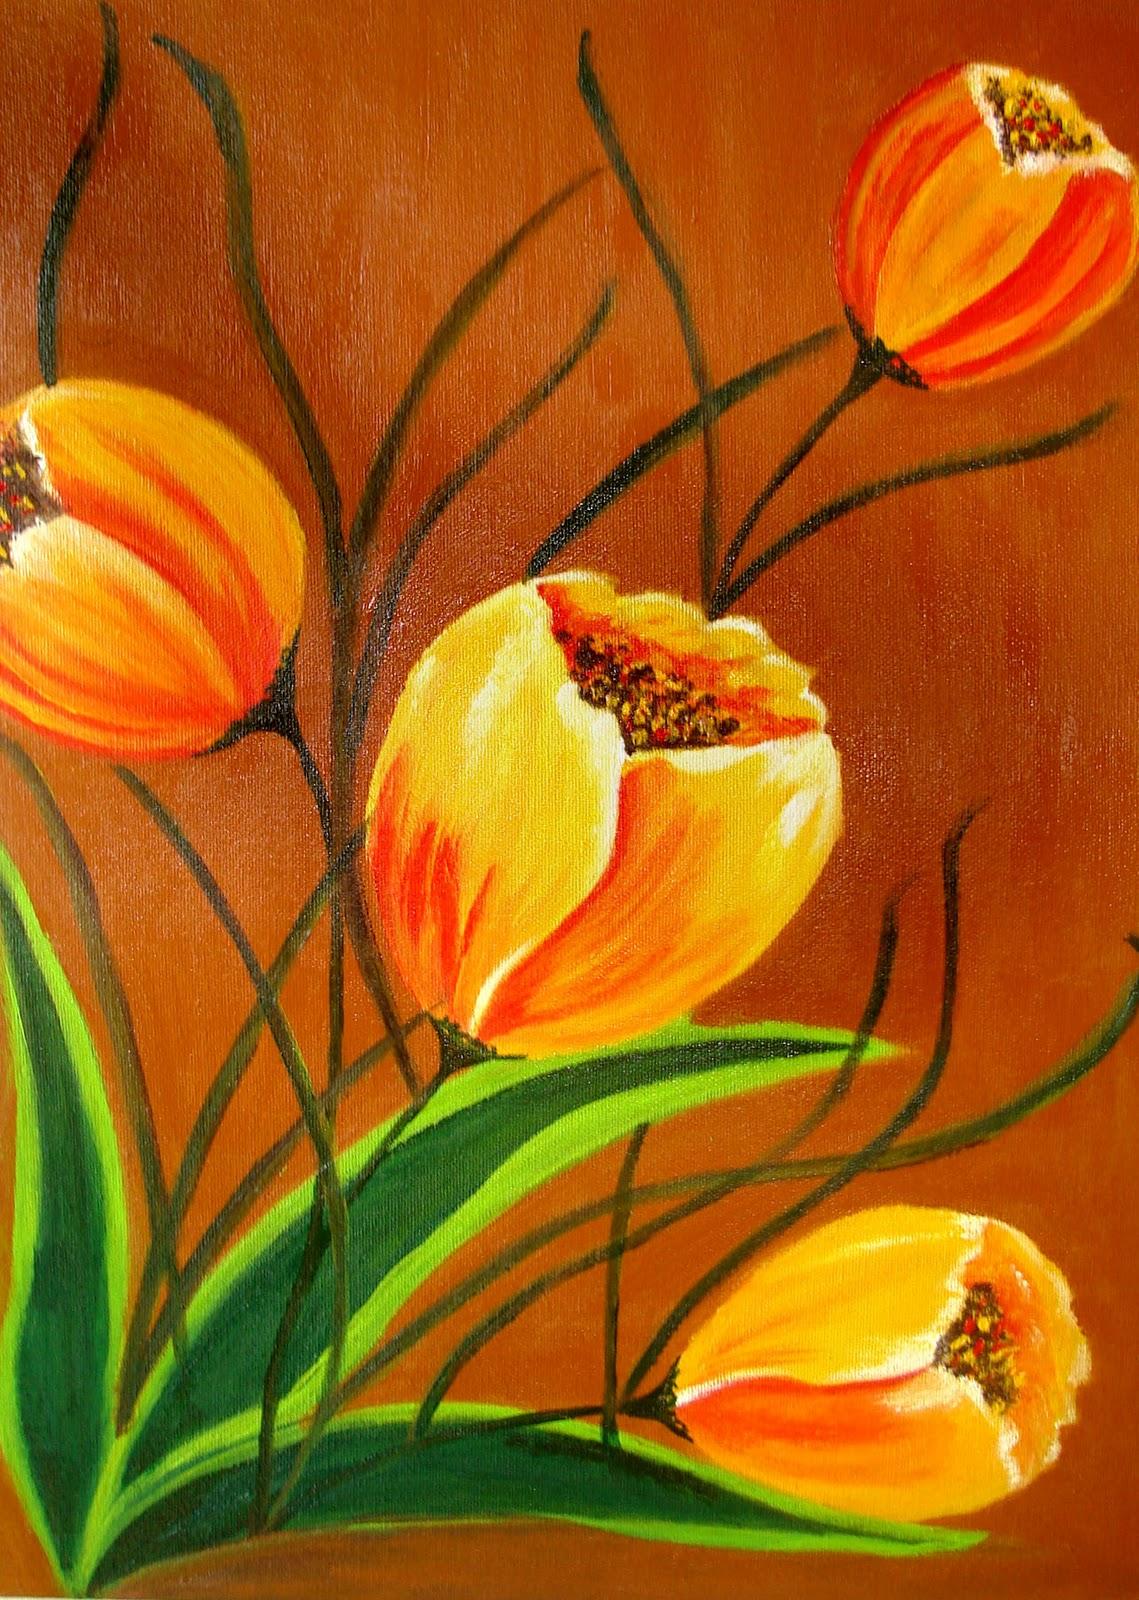 http://1.bp.blogspot.com/_SOHgjVTyrP4/TSPqnc4627I/AAAAAAAAACA/lT7mwkfojes/s1600/Quatro+flores+%252840x30%2529.jpg